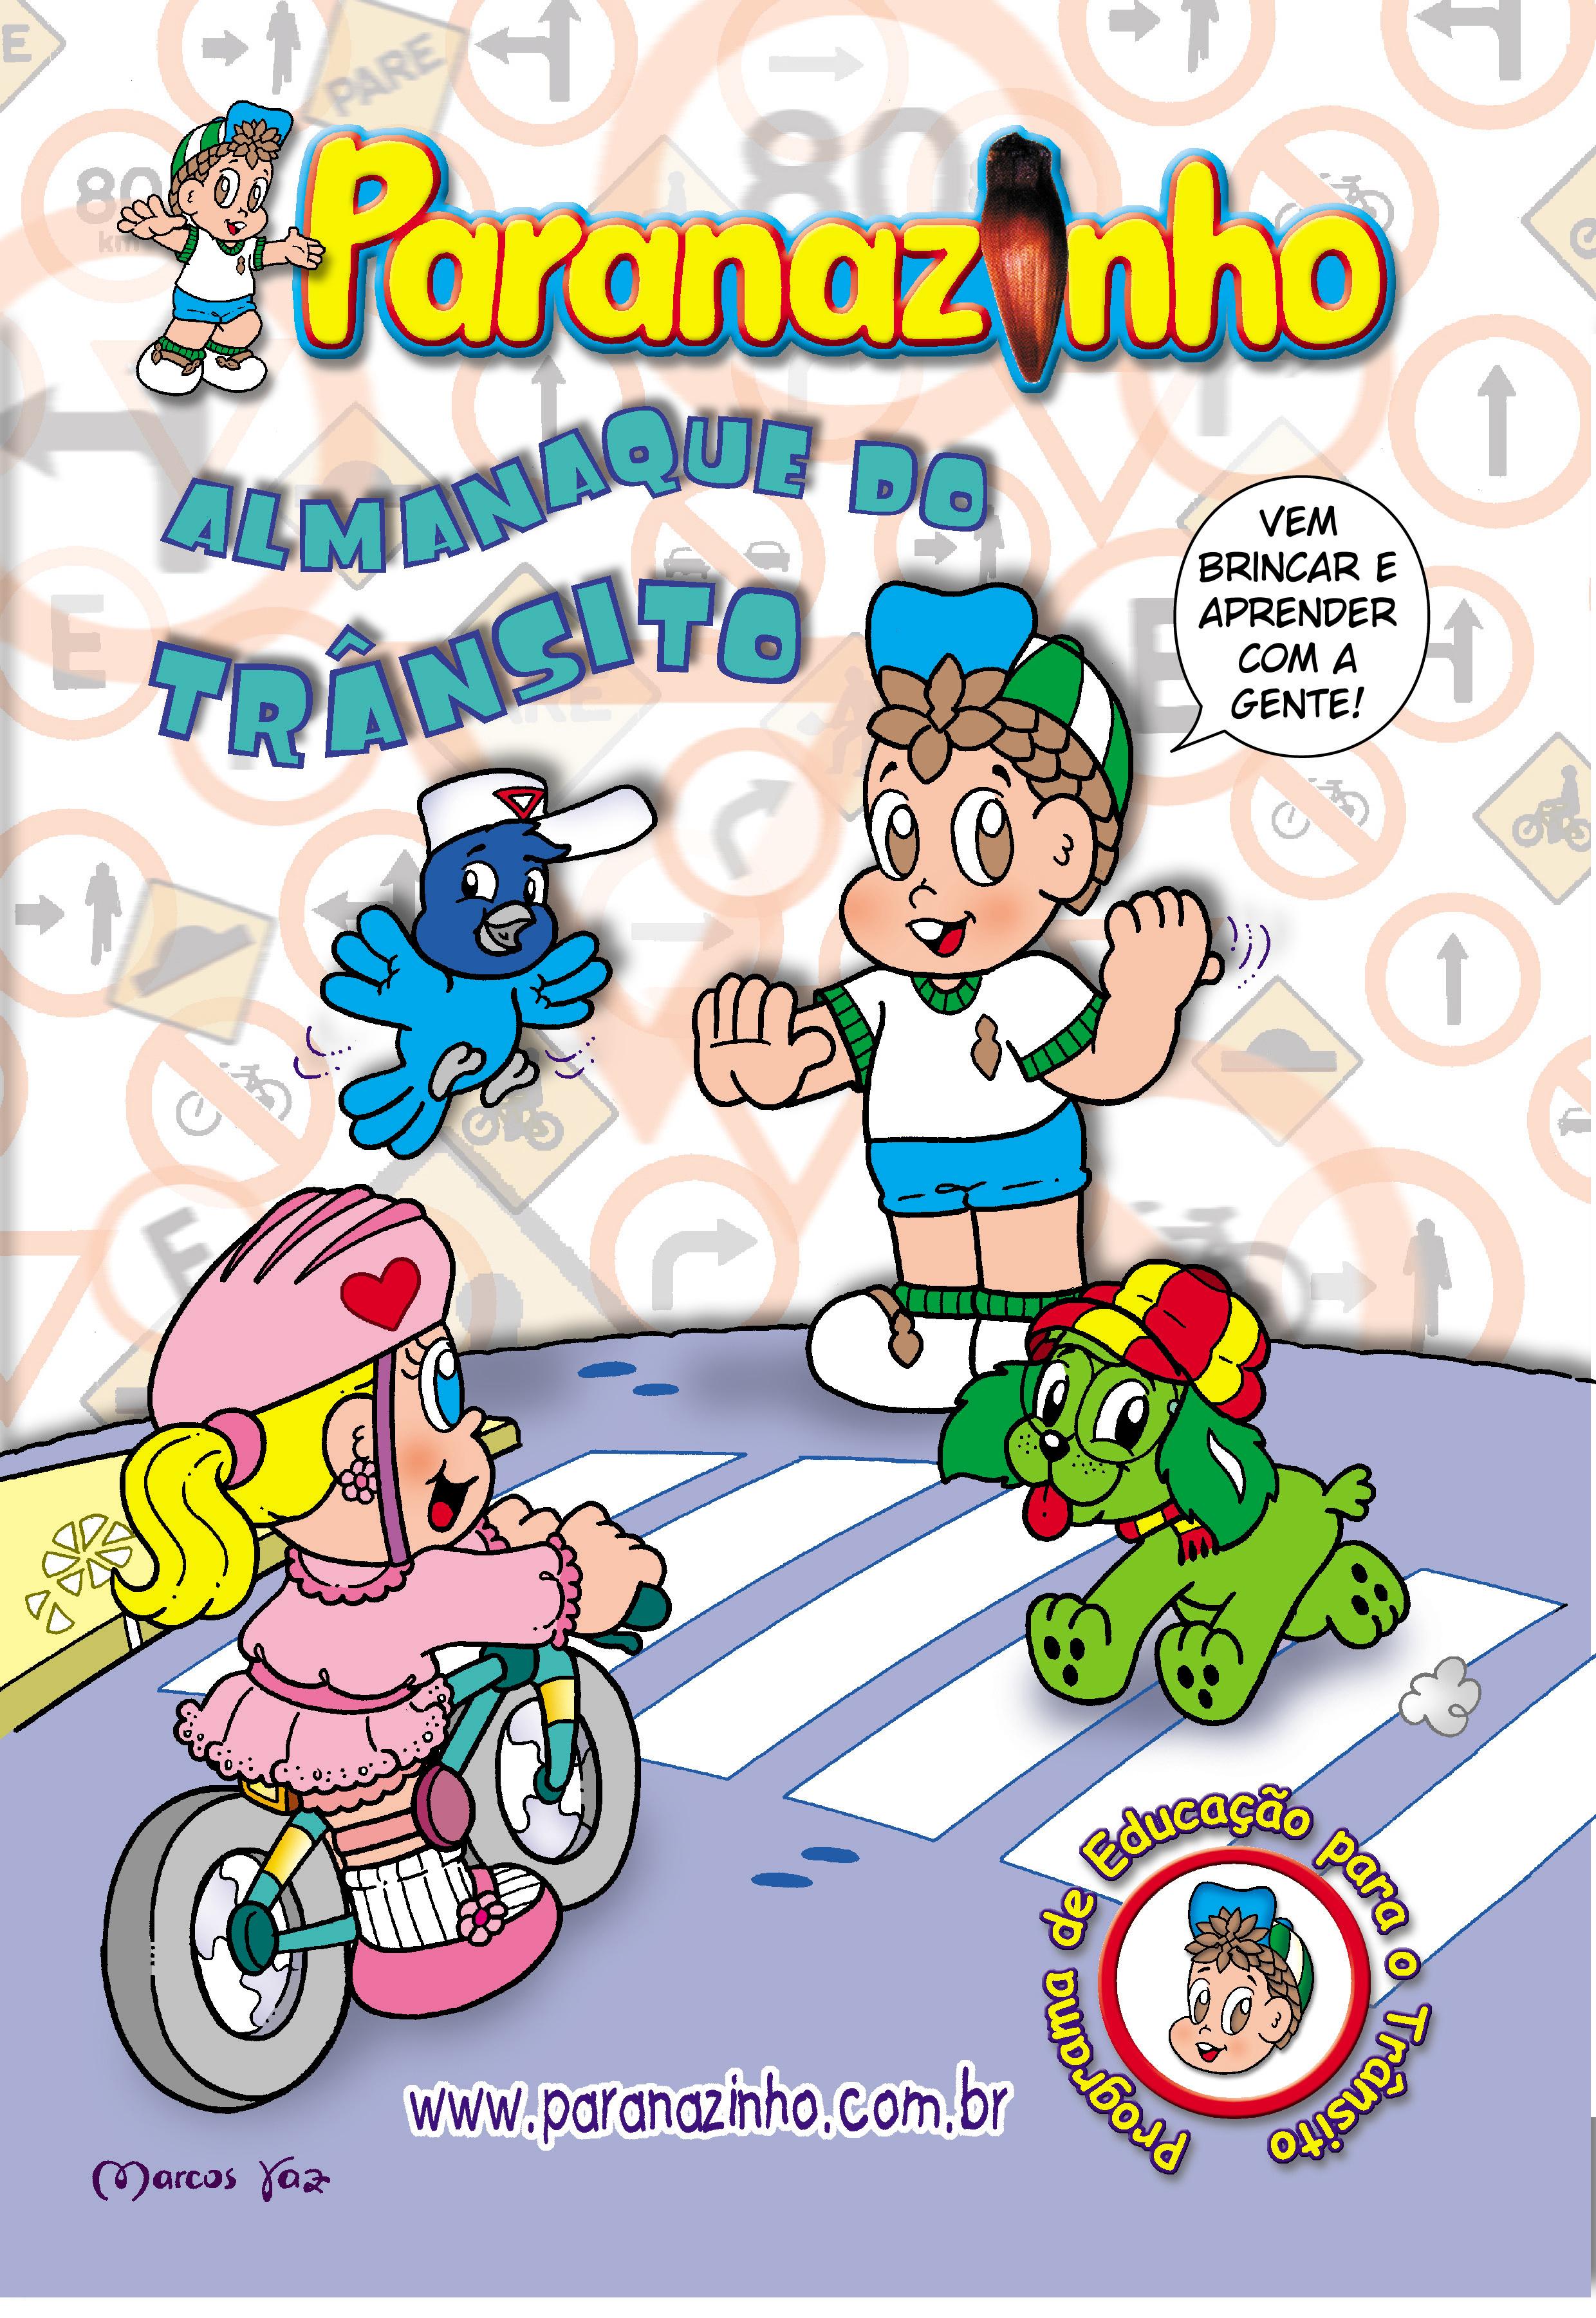 Paranazinho - Almanaque do Trânsito